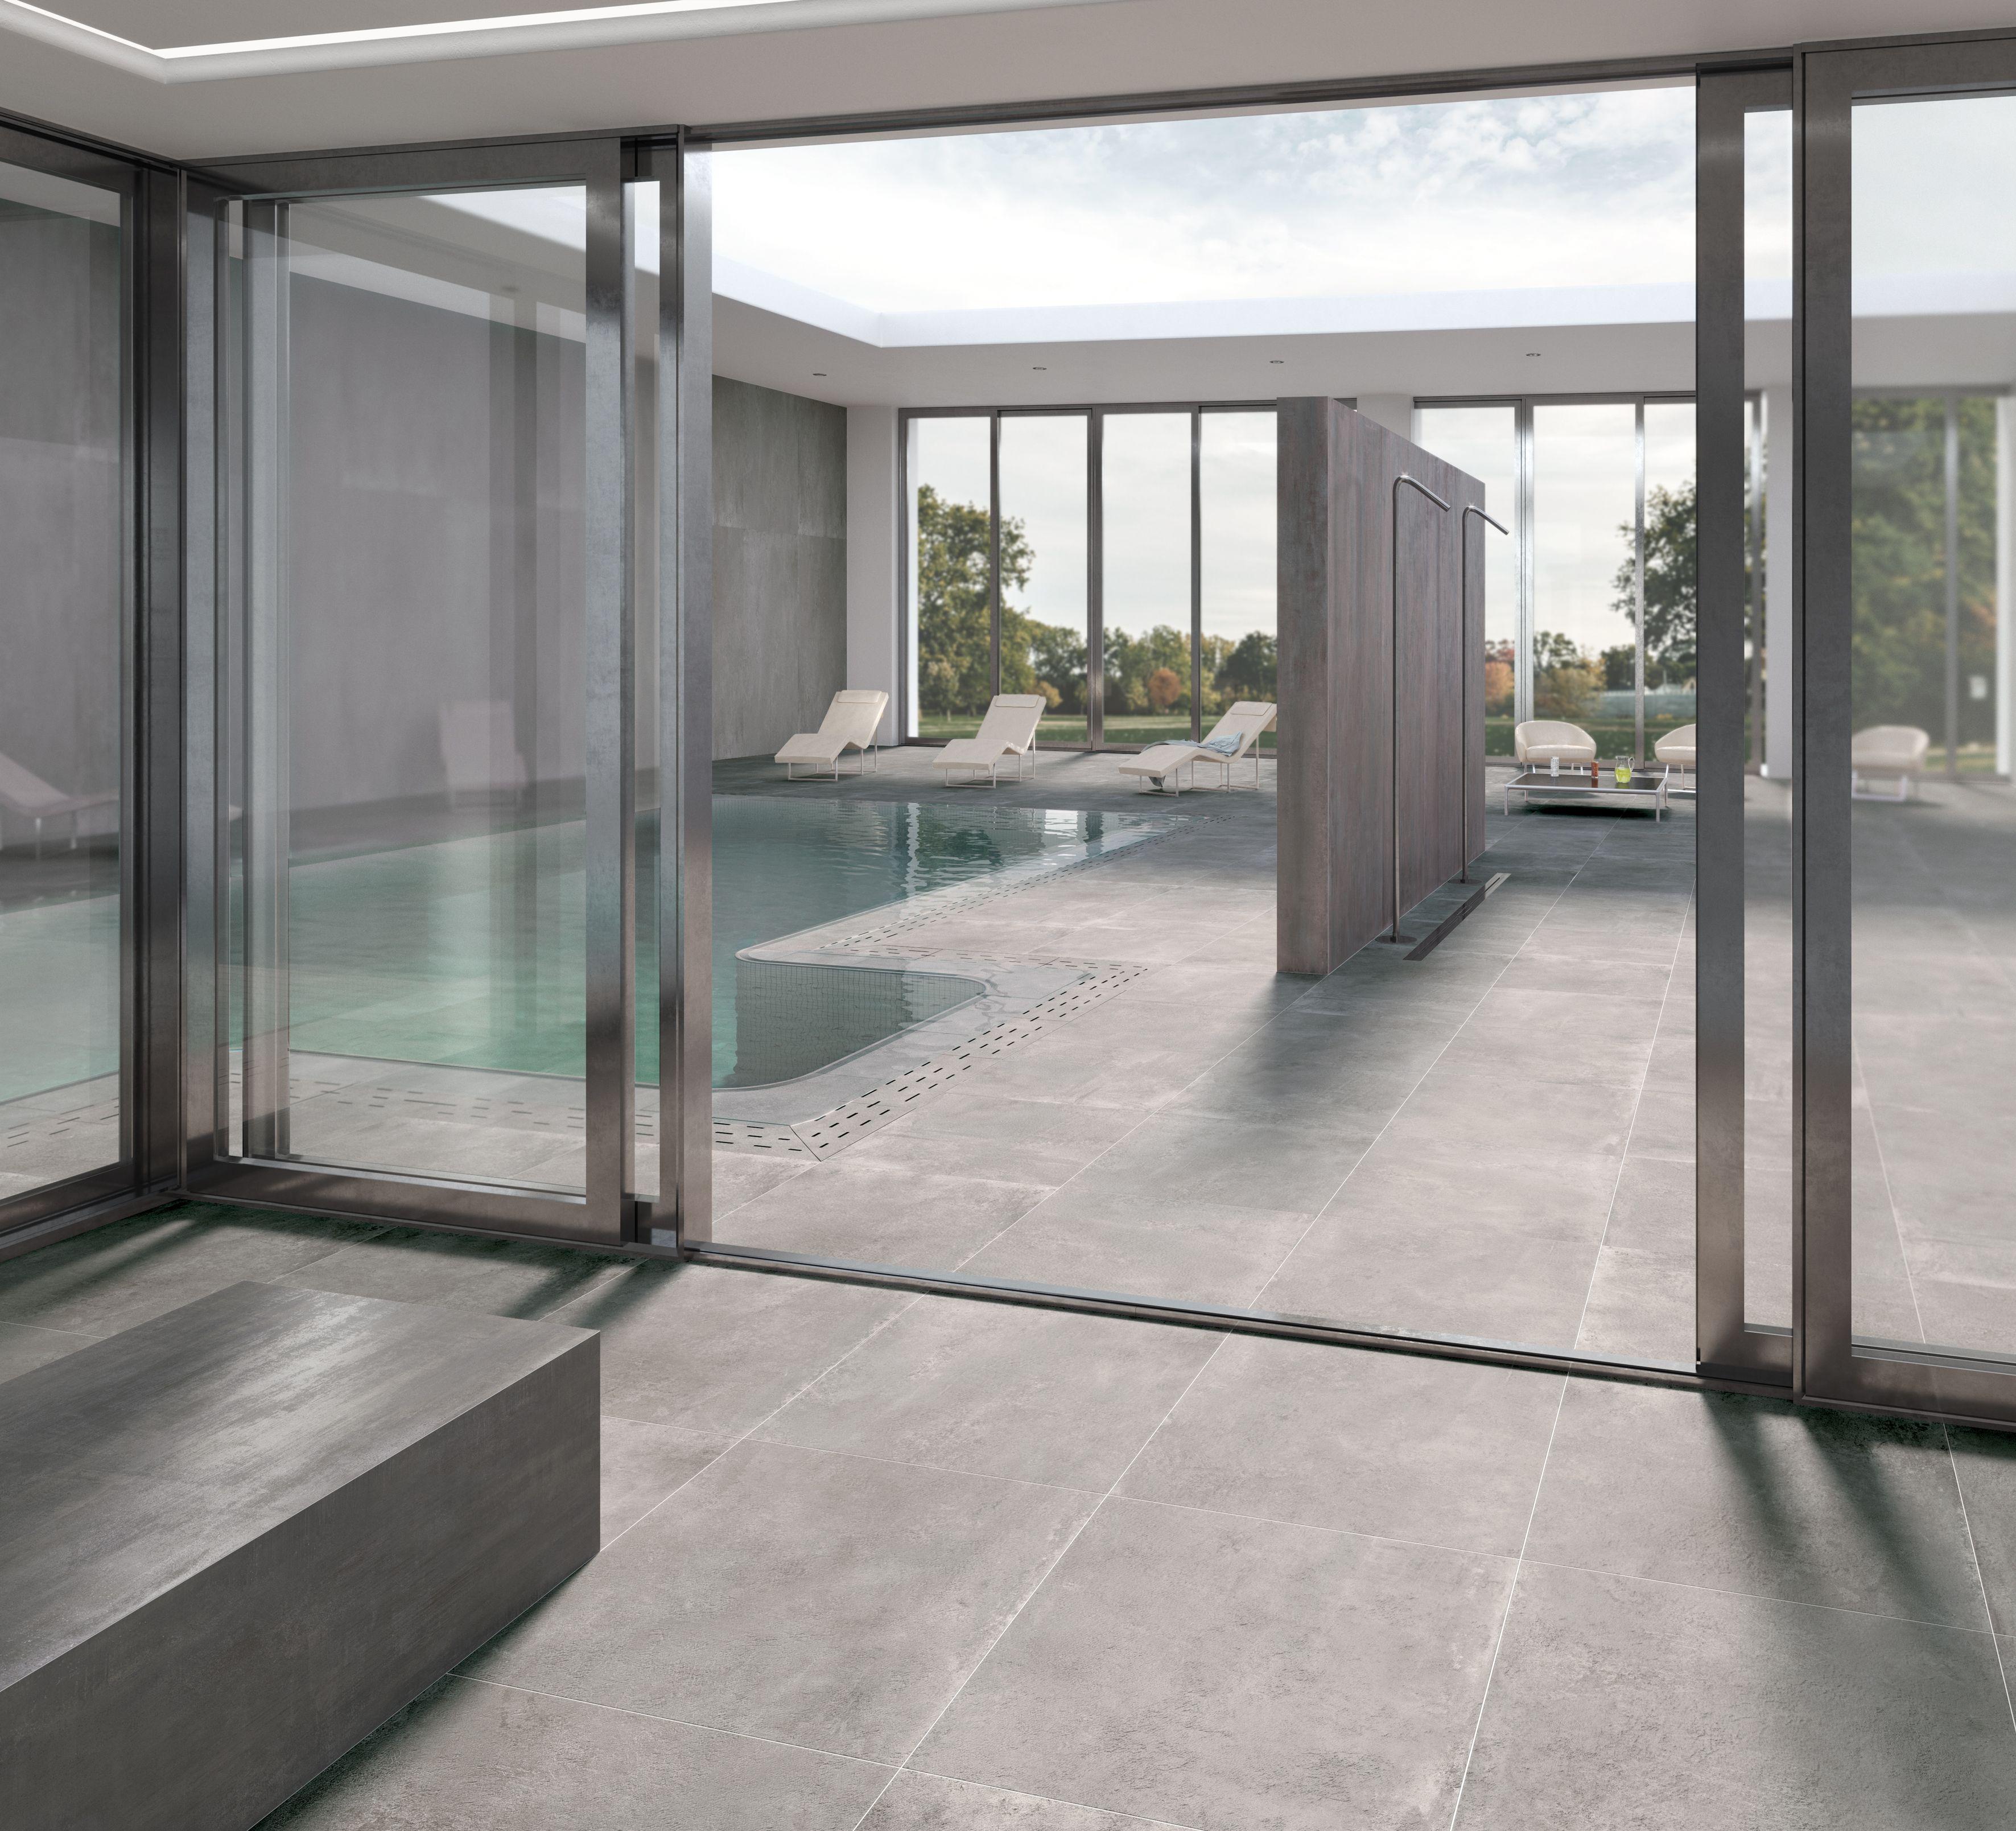 Dalles 2 Cm Pour Pose Sur Plots Titan Century Two Carrelage Interieur Carrelage Terrasse Carrelage Exterieur